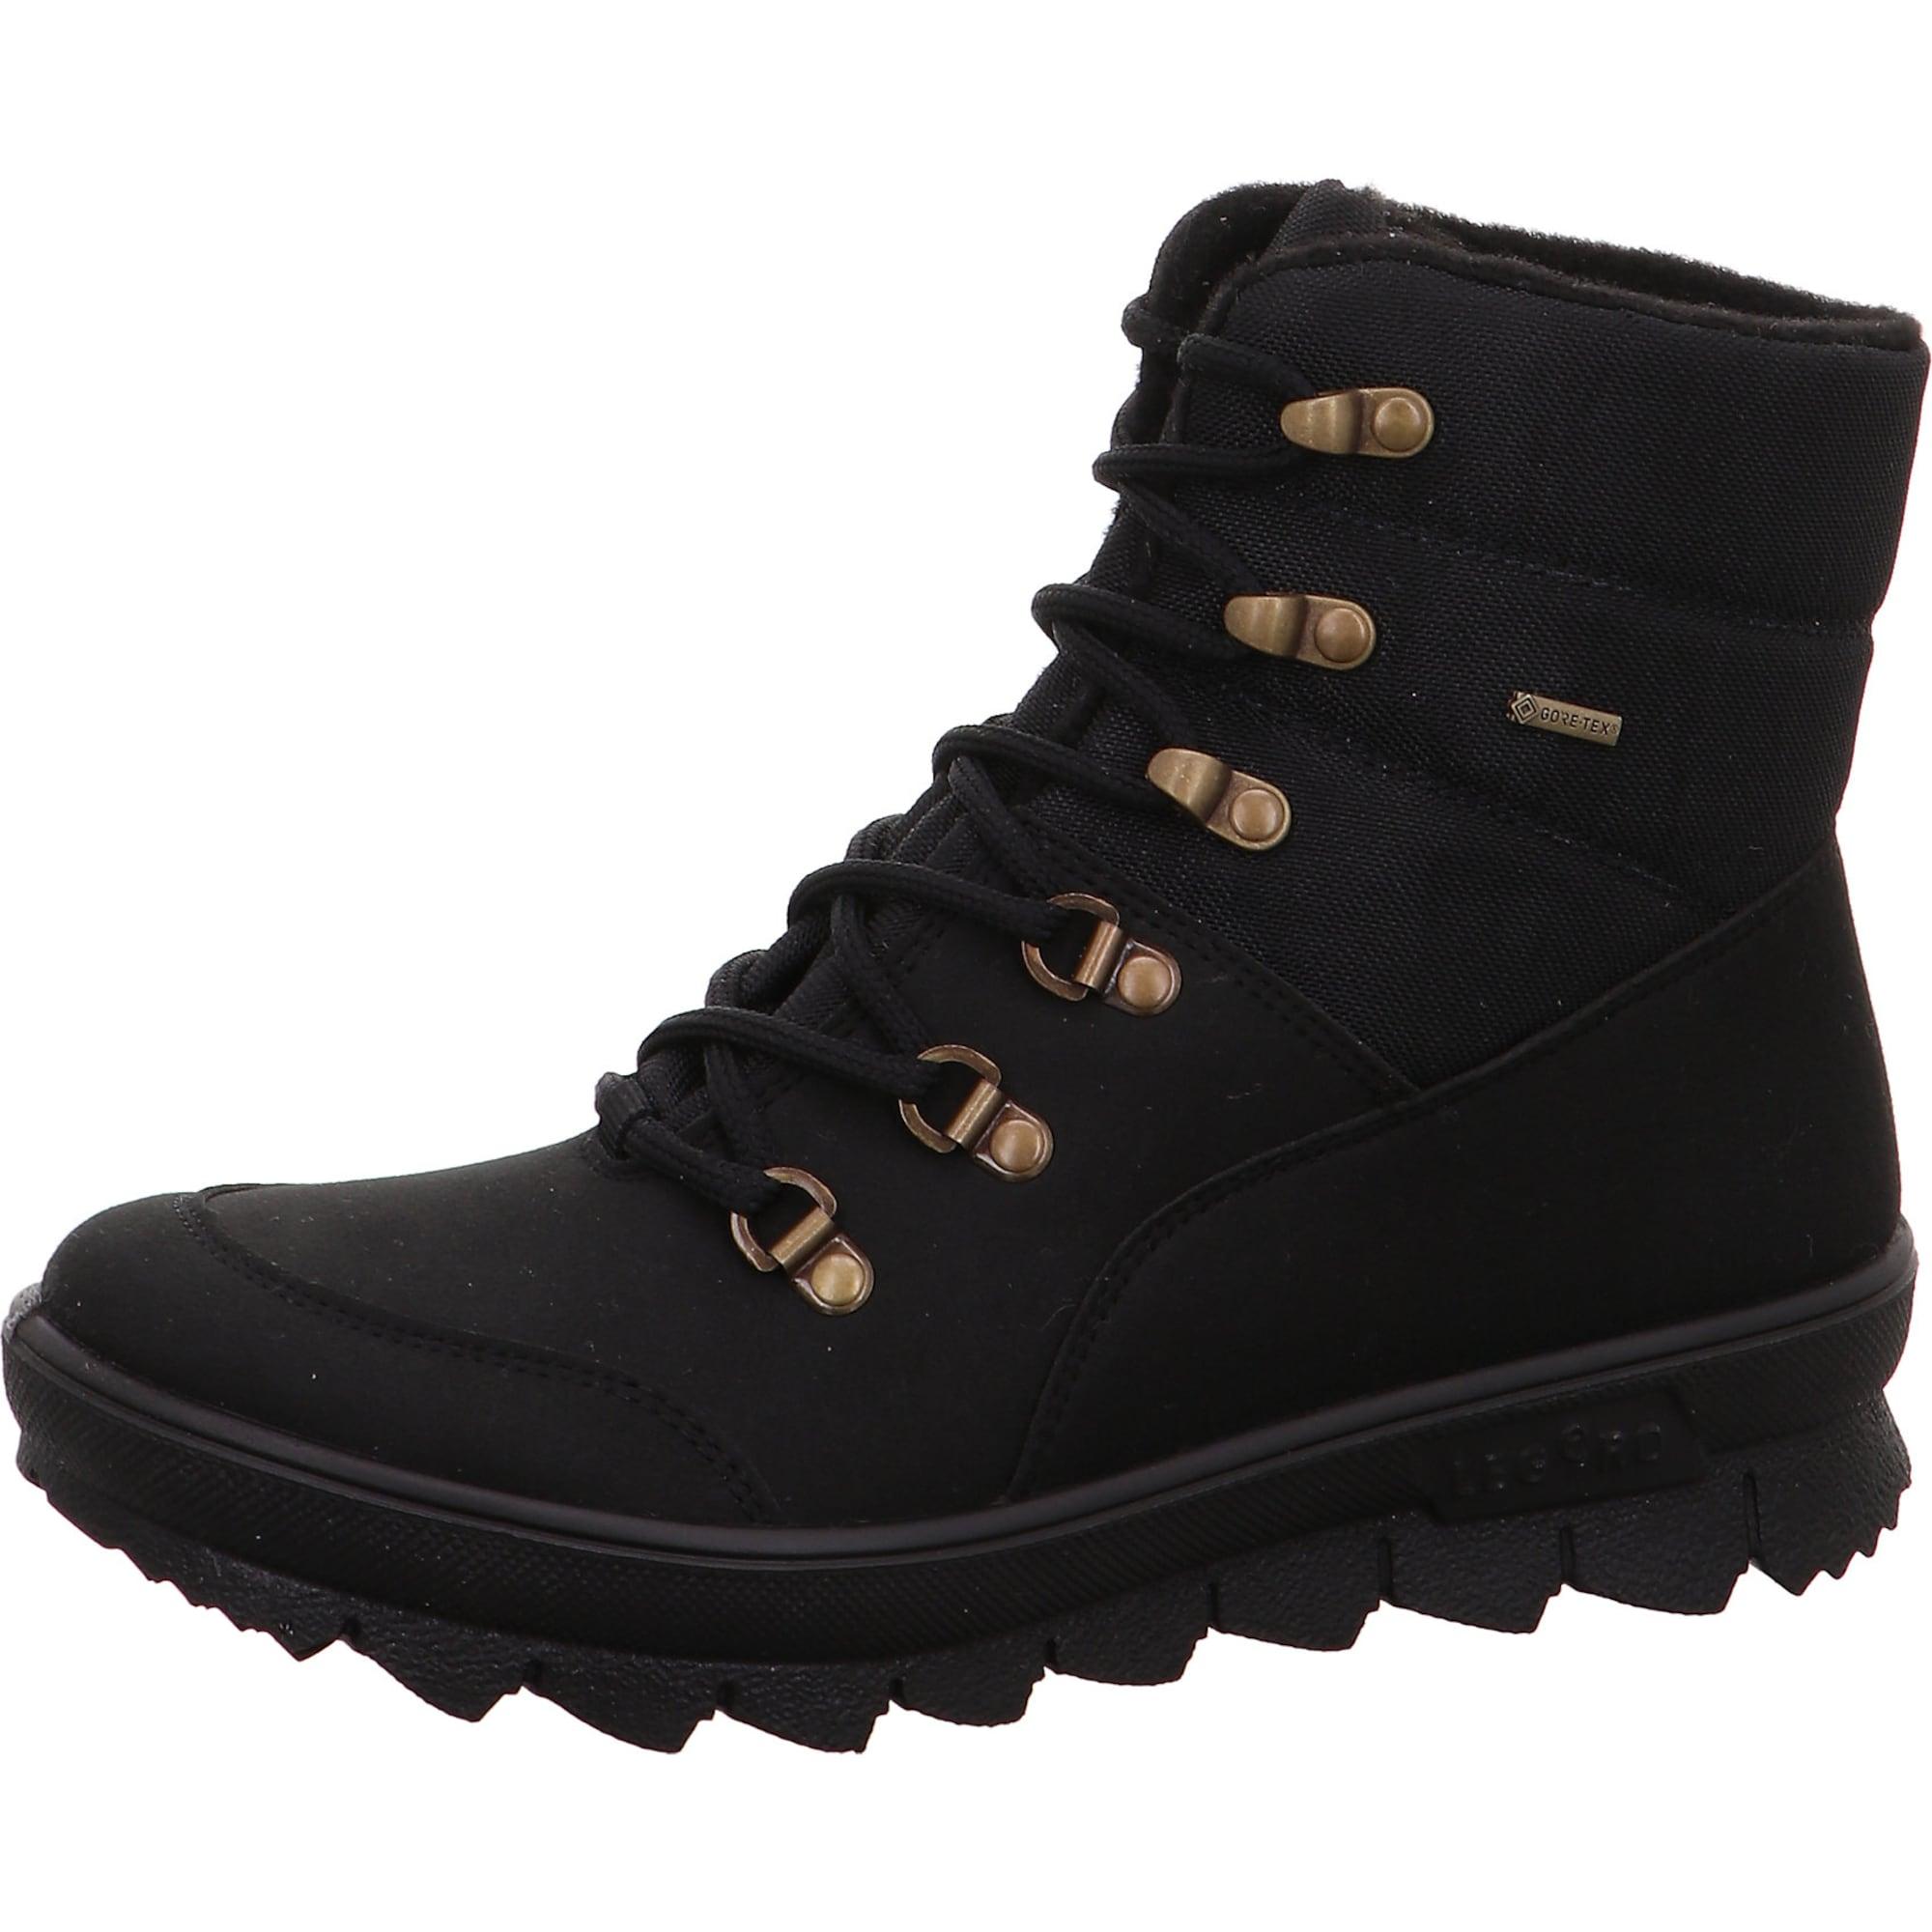 Winterstiefeletten | Schuhe > Stiefeletten > Winterstiefeletten | Legero